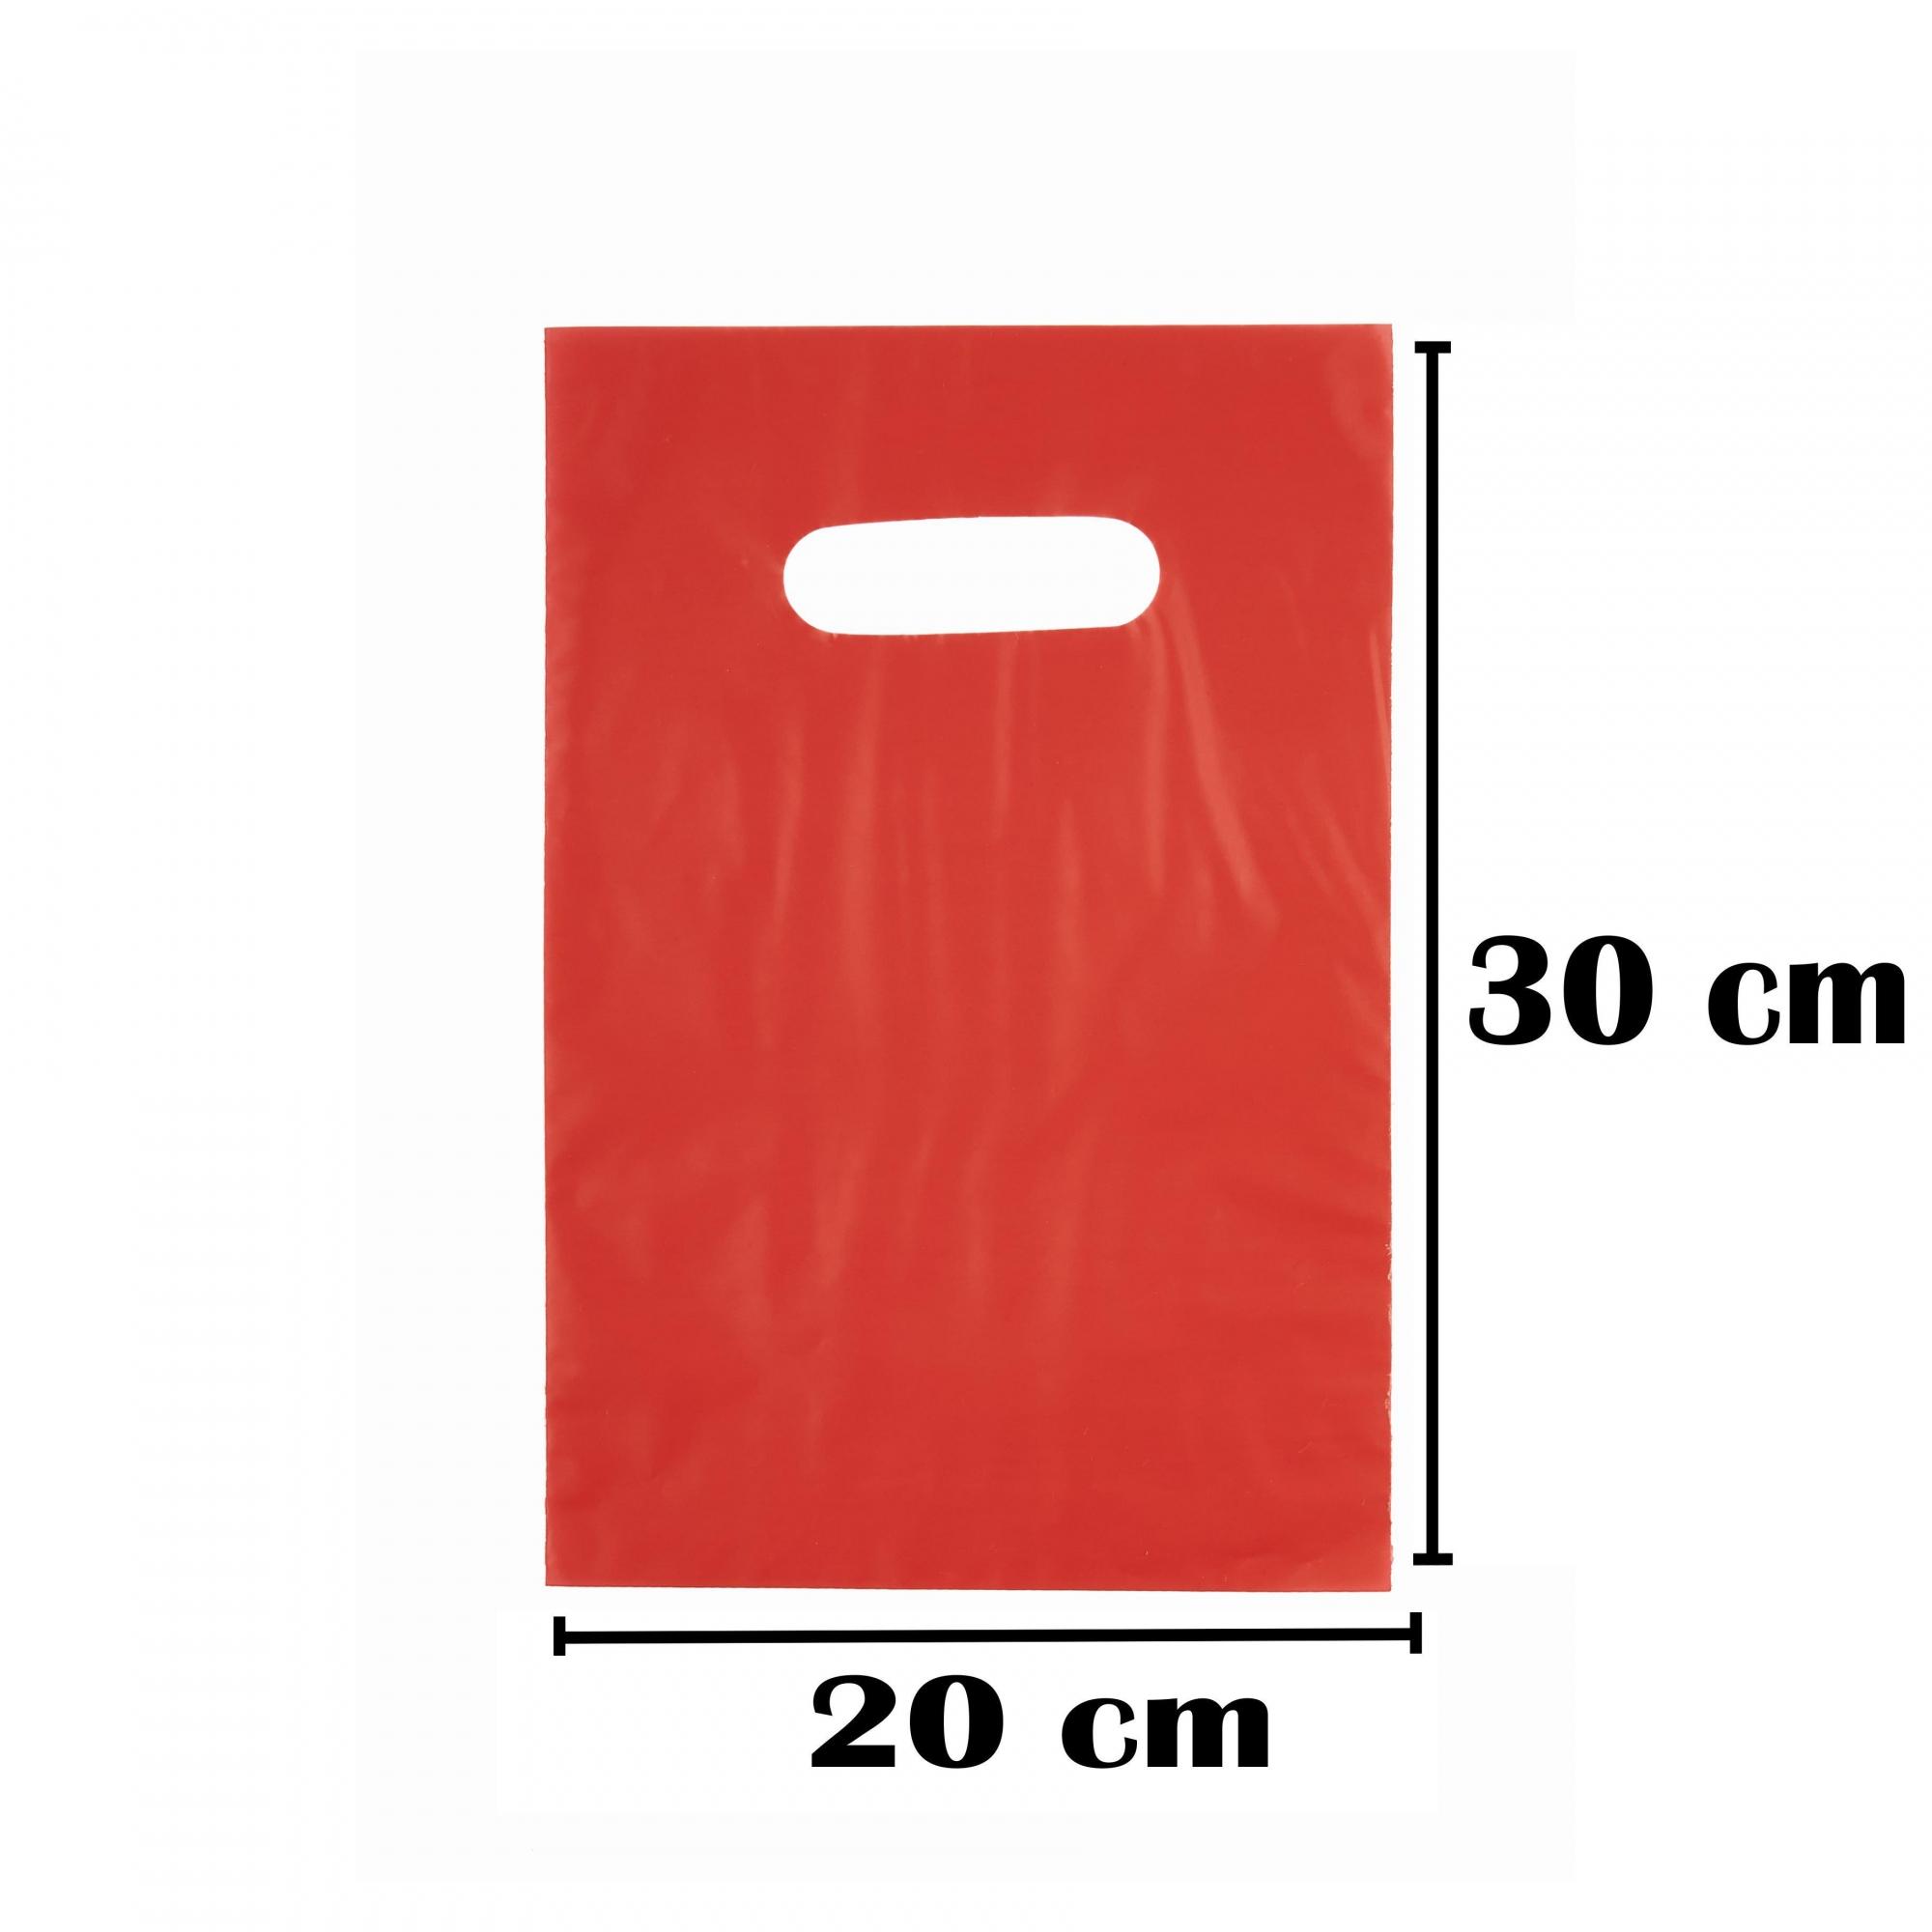 Sacola Plástica 20x30 Vermelha Alça Boca de Palhaço 250 Unidades